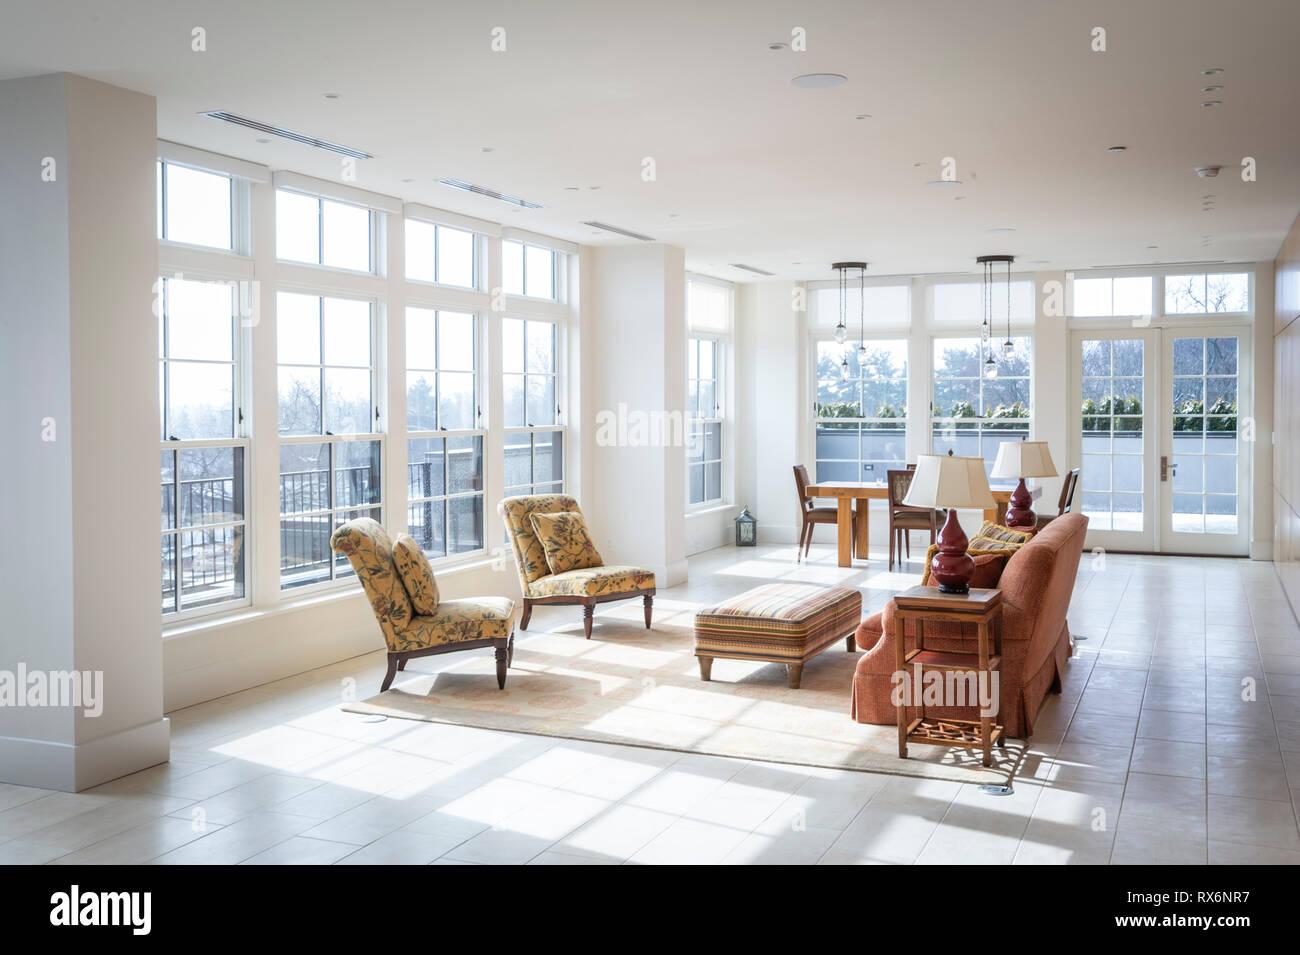 Interni residenziale composto da ampio soggiorno con finestre da pavimento a soffitto Foto Stock